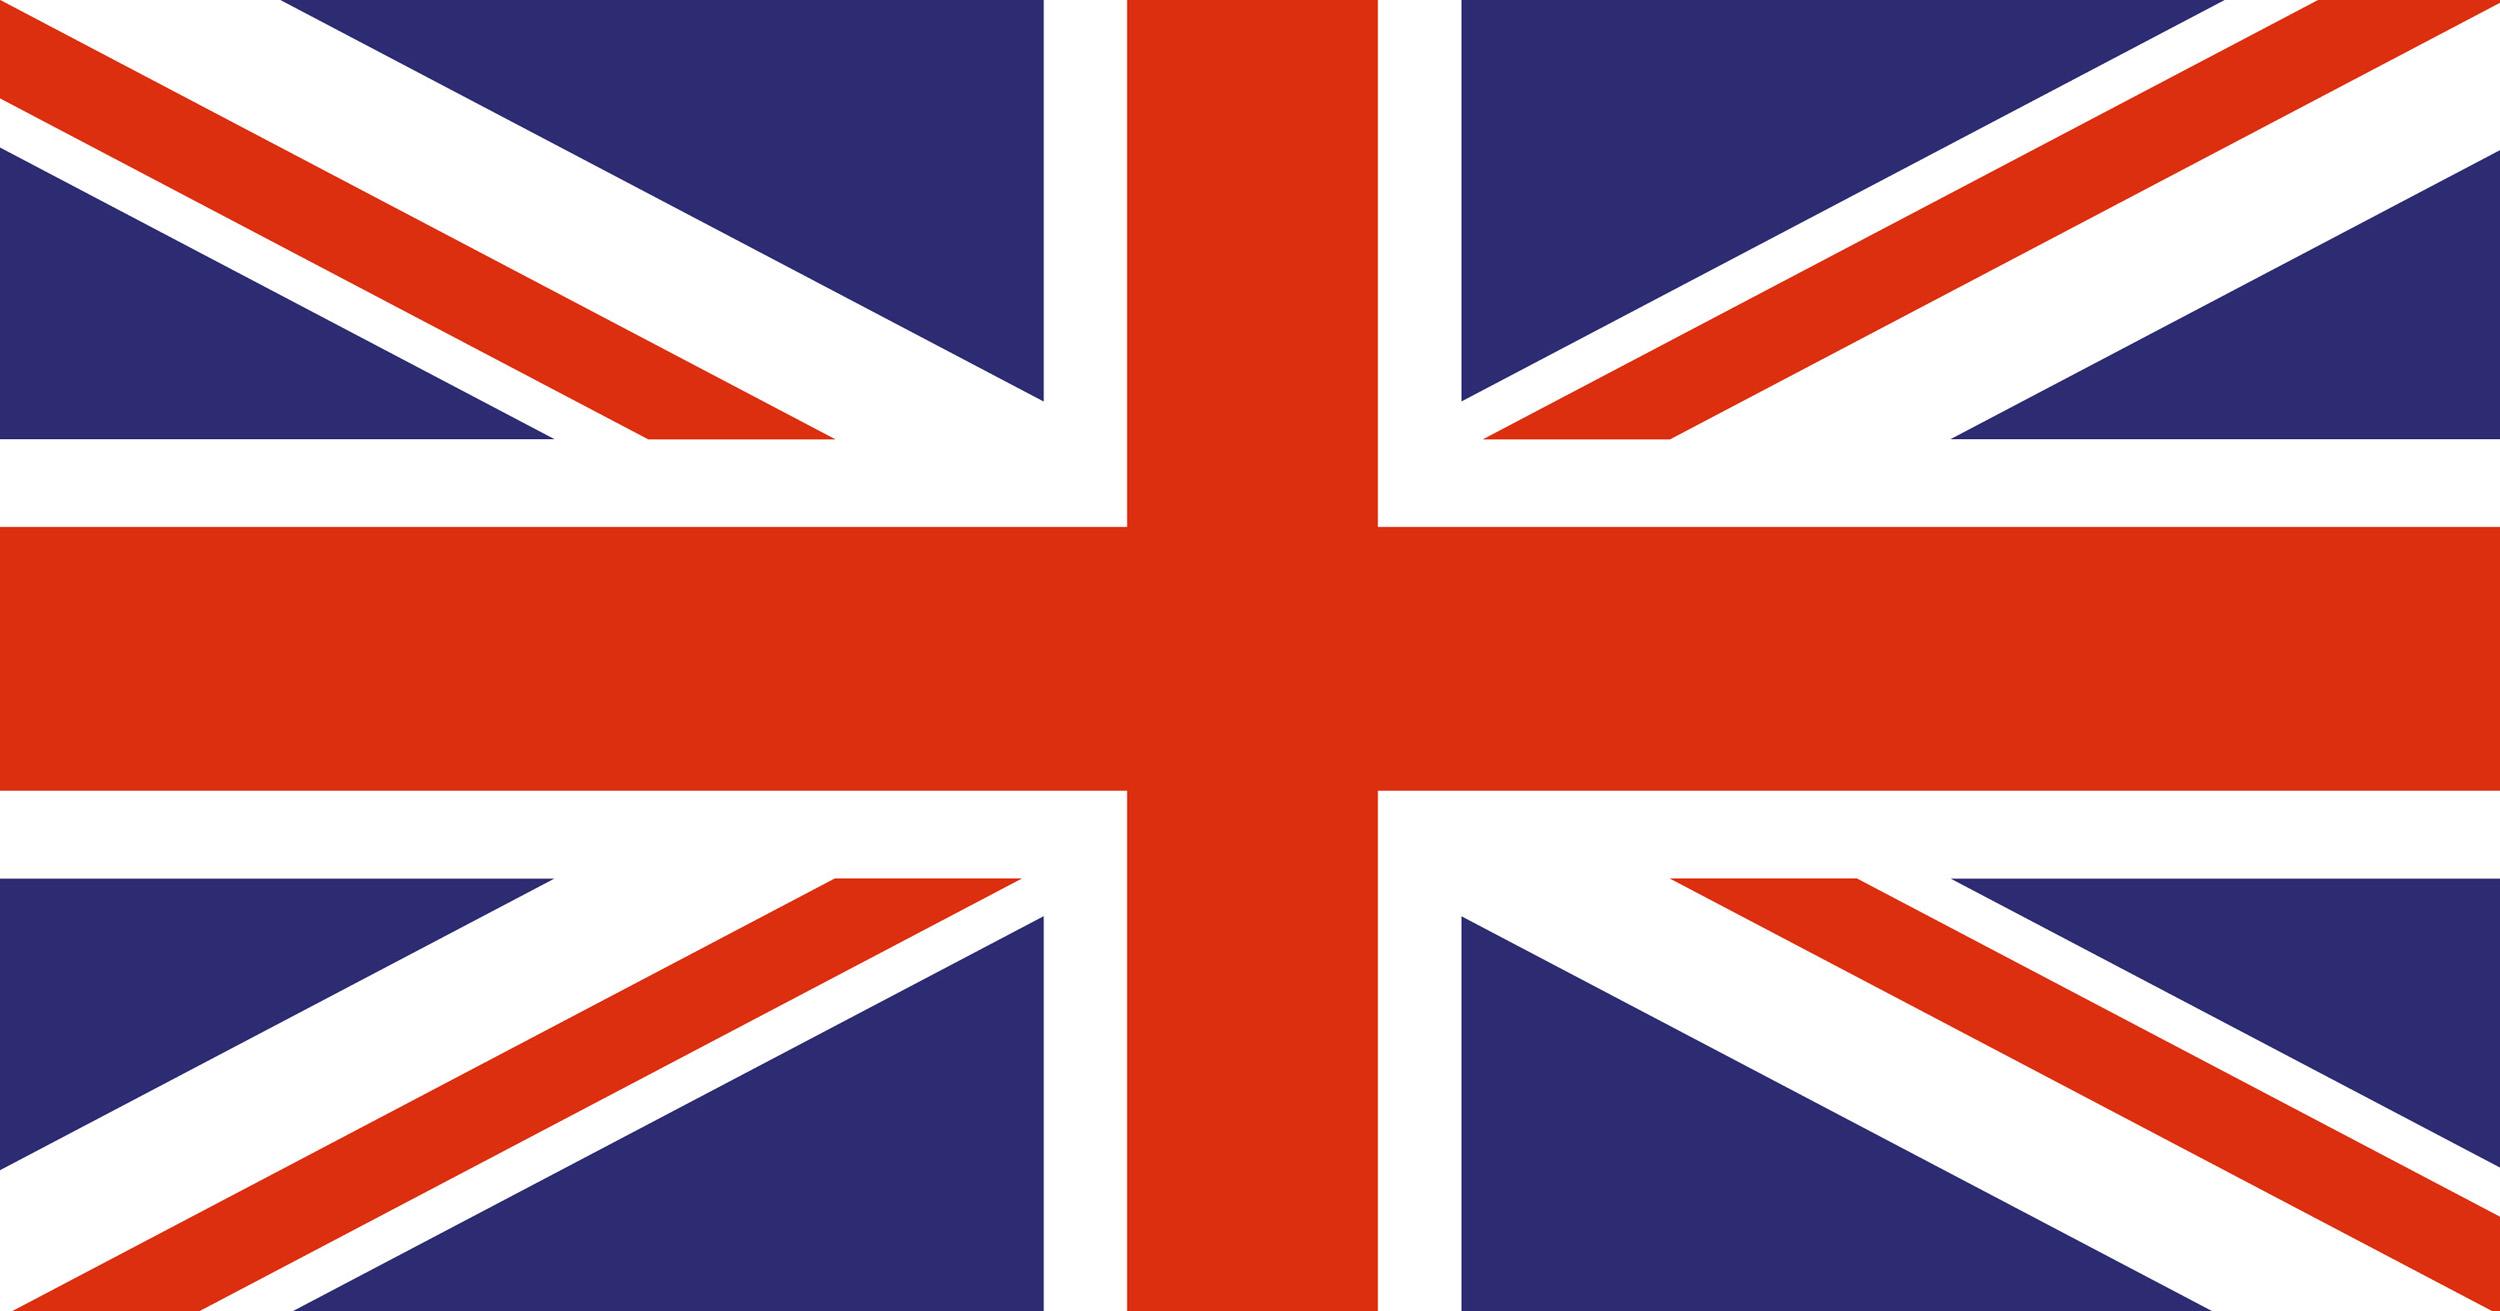 UK Union Flag Desktop Wallpaper iskincouk 2500x1311